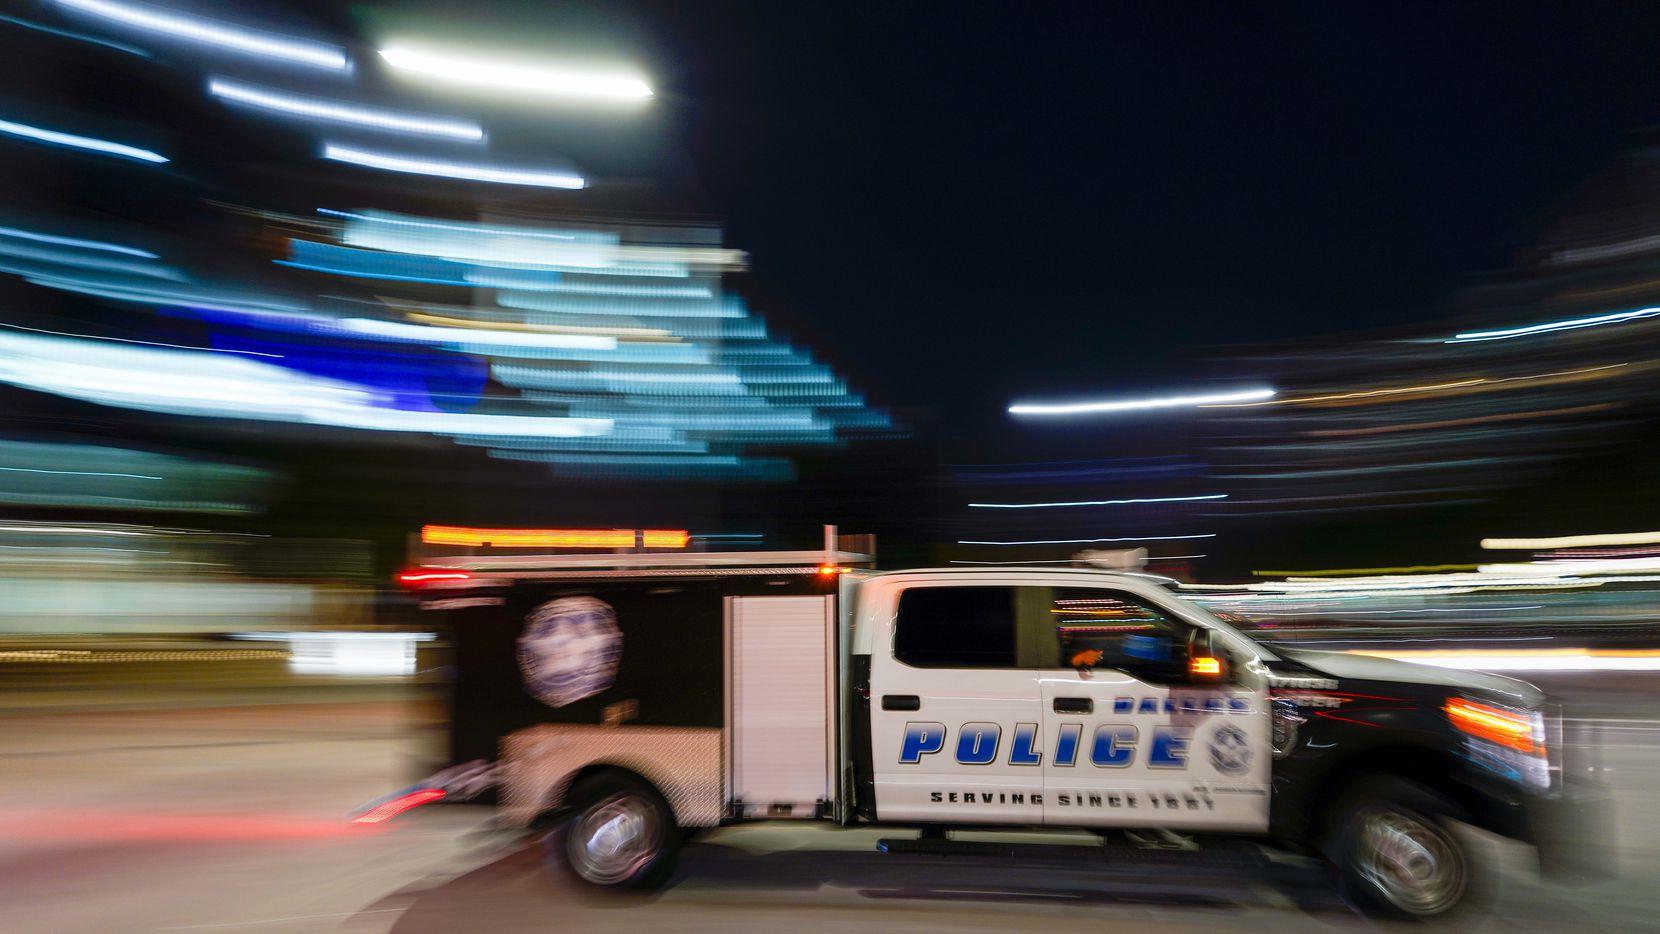 La policía anunció cambios en su política para difundir imágenes de videos en los que haya ocurrido un incidente serio.